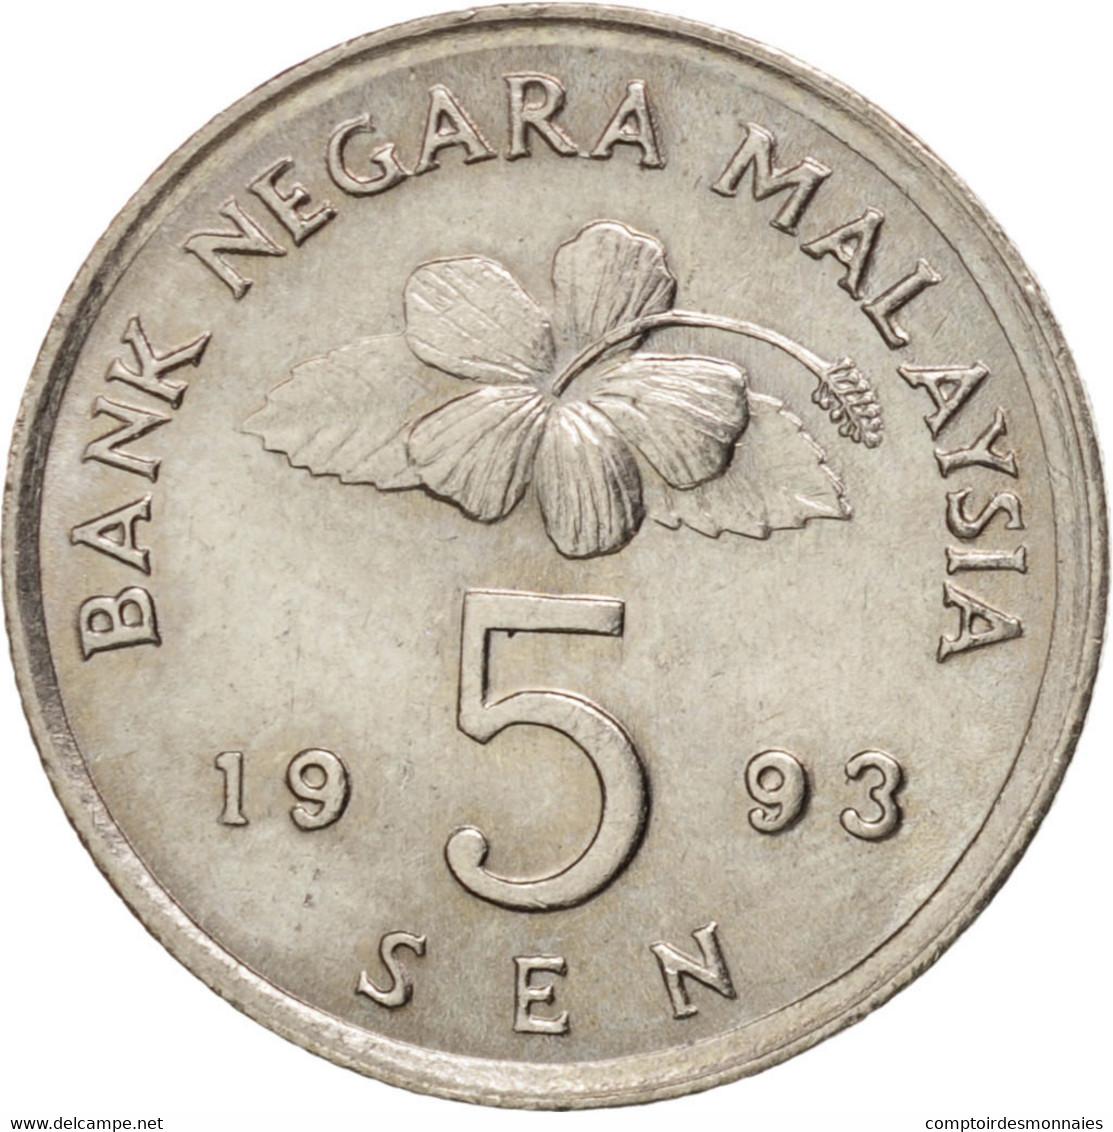 Malaisie, 5 Sen 1993, KM 50 - Malaysie